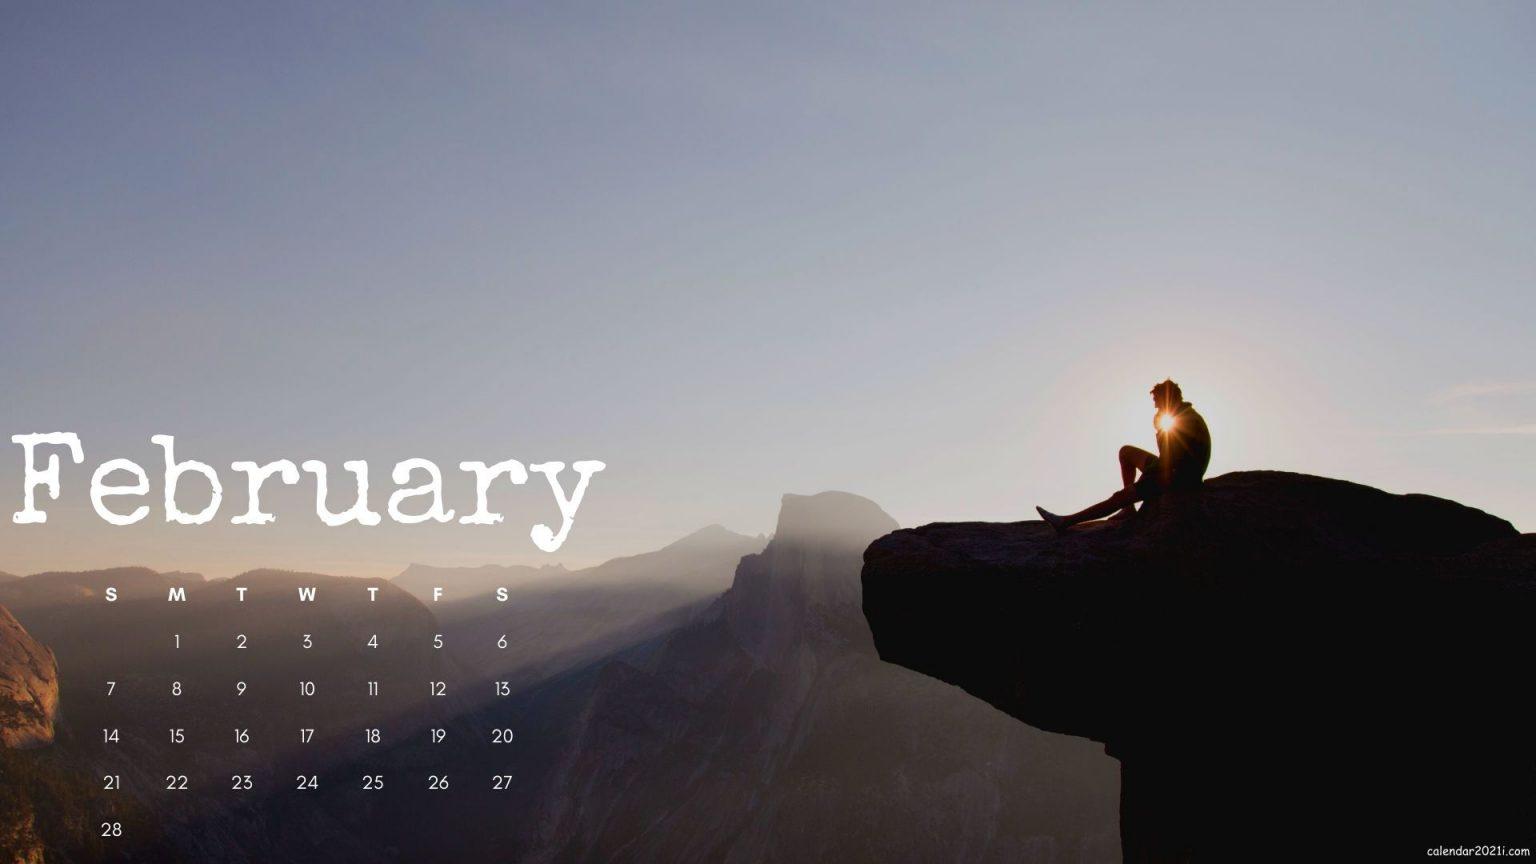 February 2021 Calendar Desktop Wallpaper